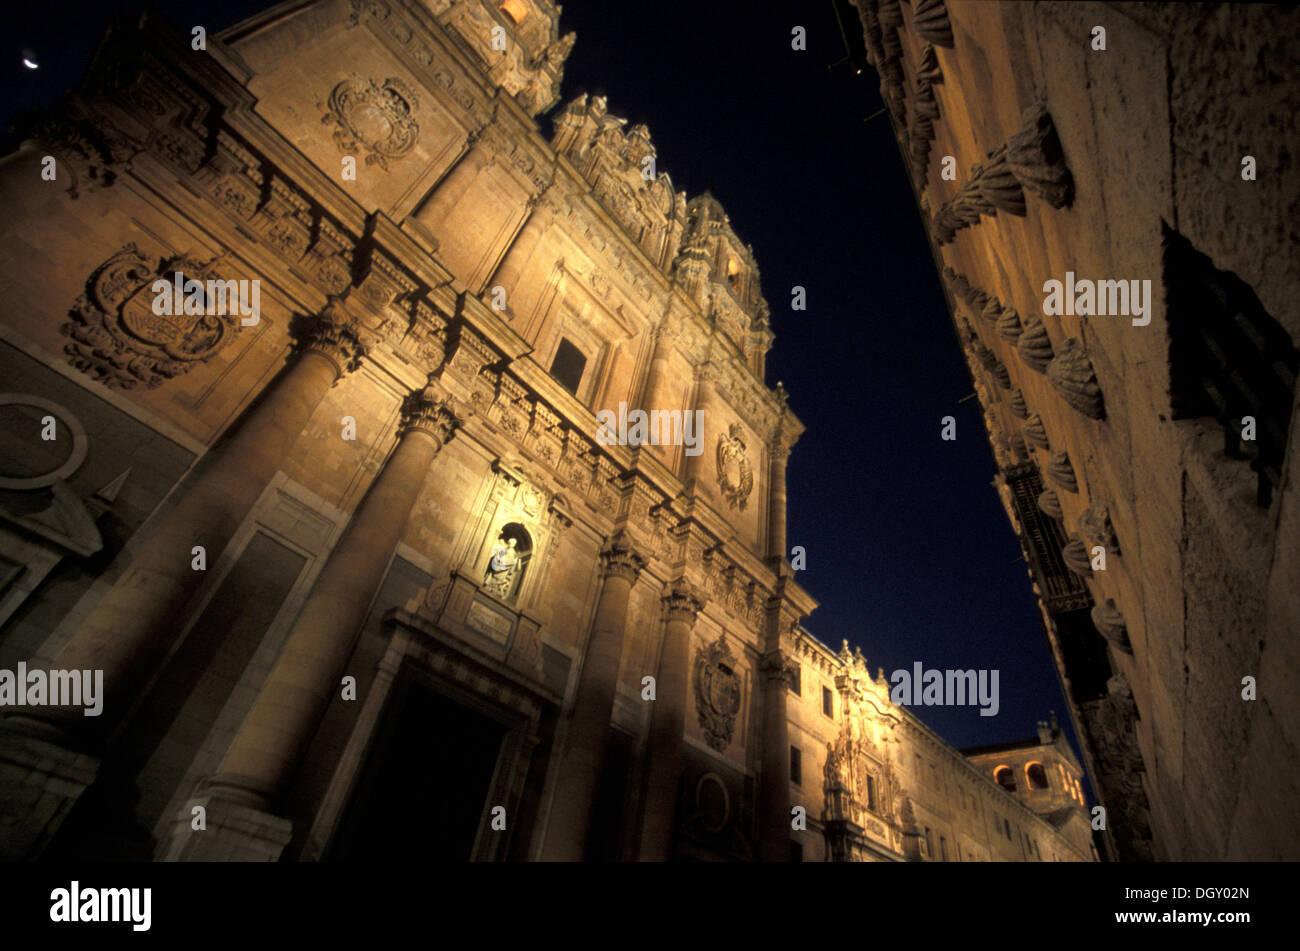 calle-compaa-by-night-salamanca-iglesia-de-la-clerencia-y-casa-de-DGY02N.jpg